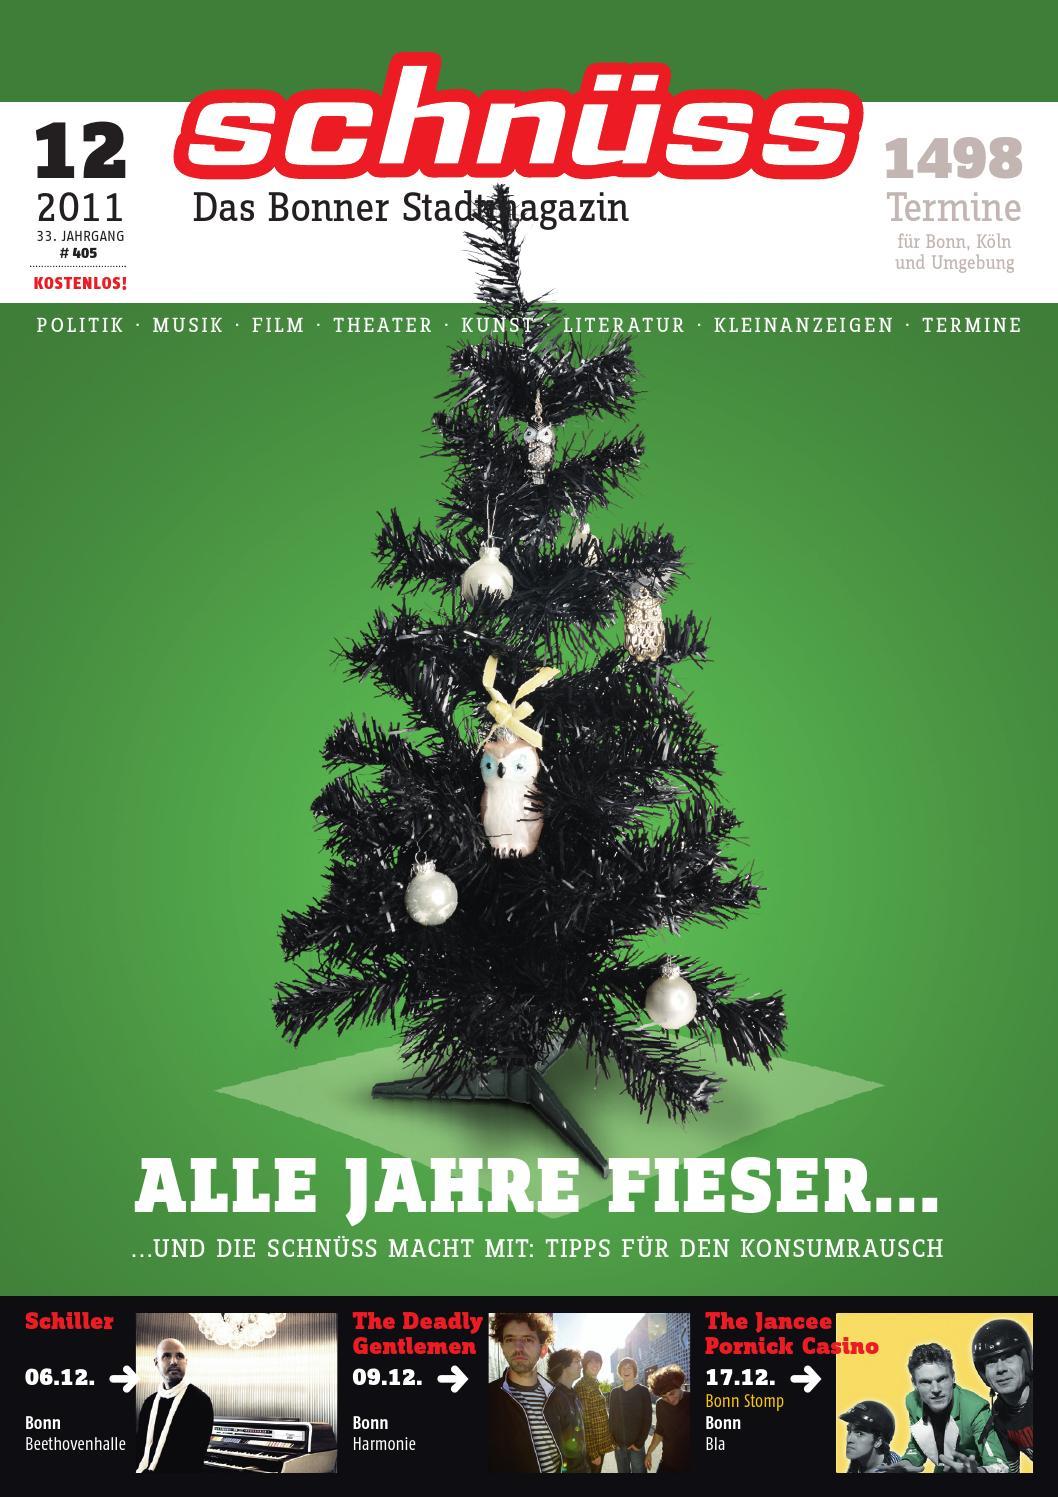 Schnüss 2011/12 by Schnüss - Das Bonner Stadtmagazin - issuu